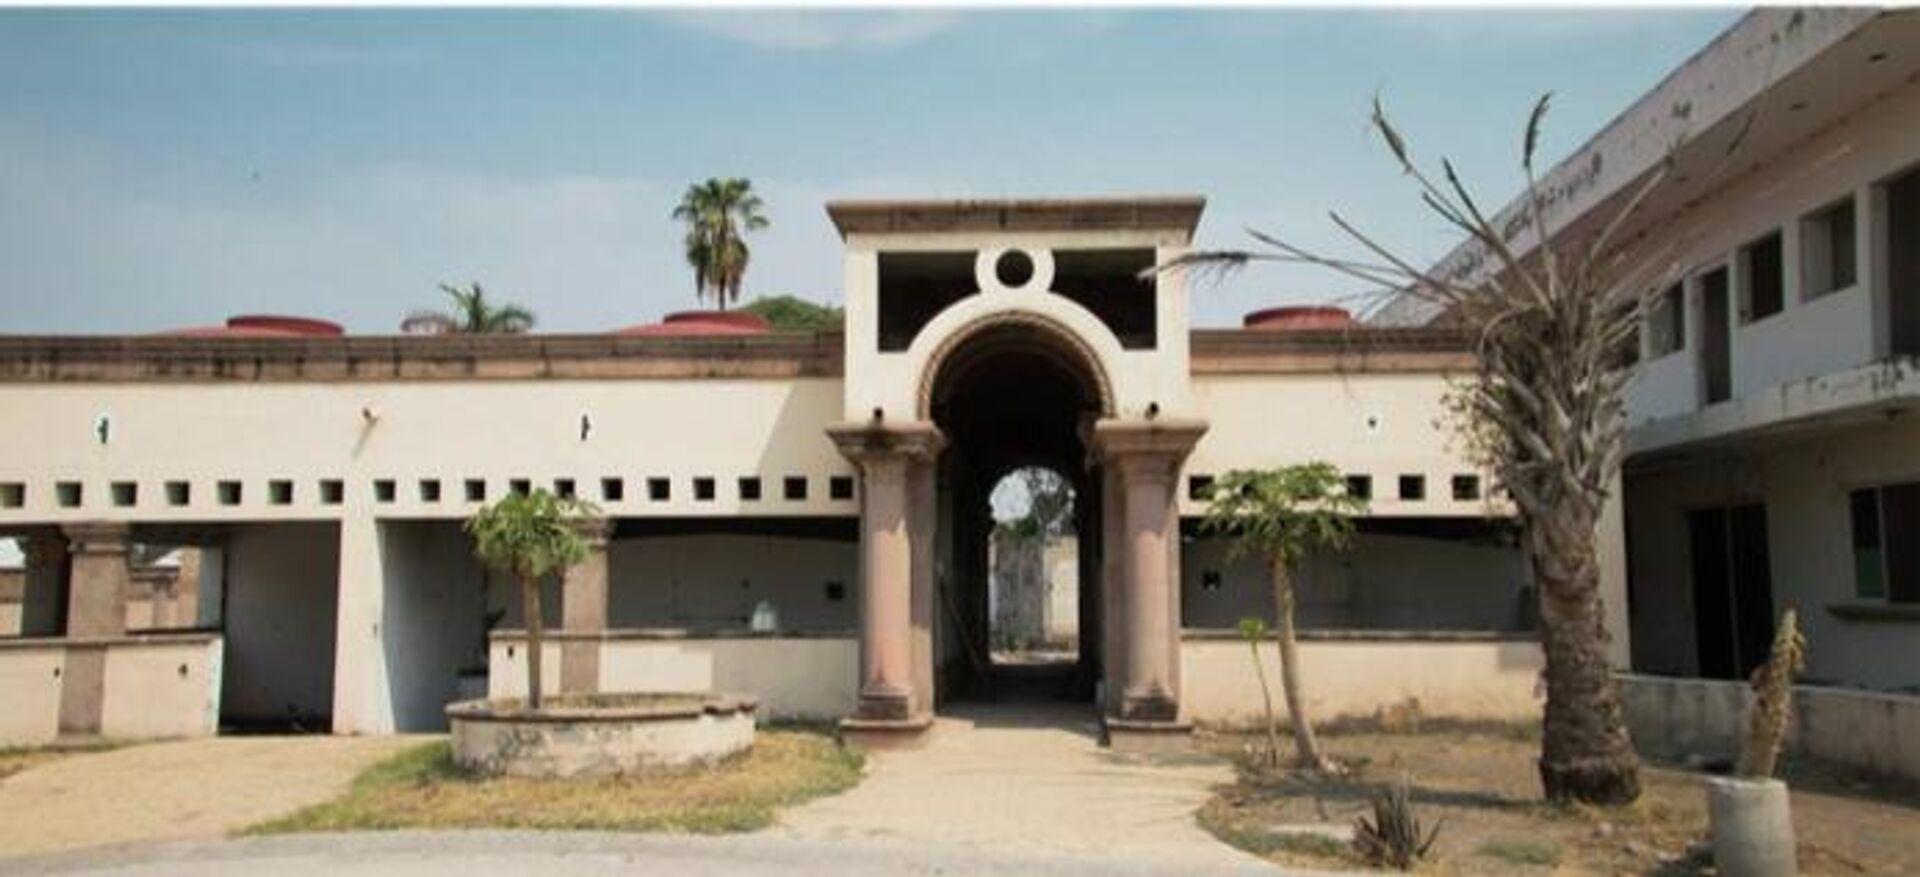 Casa en Xochitepec, Morelos  - Sputnik Mundo, 1920, 07.09.2021